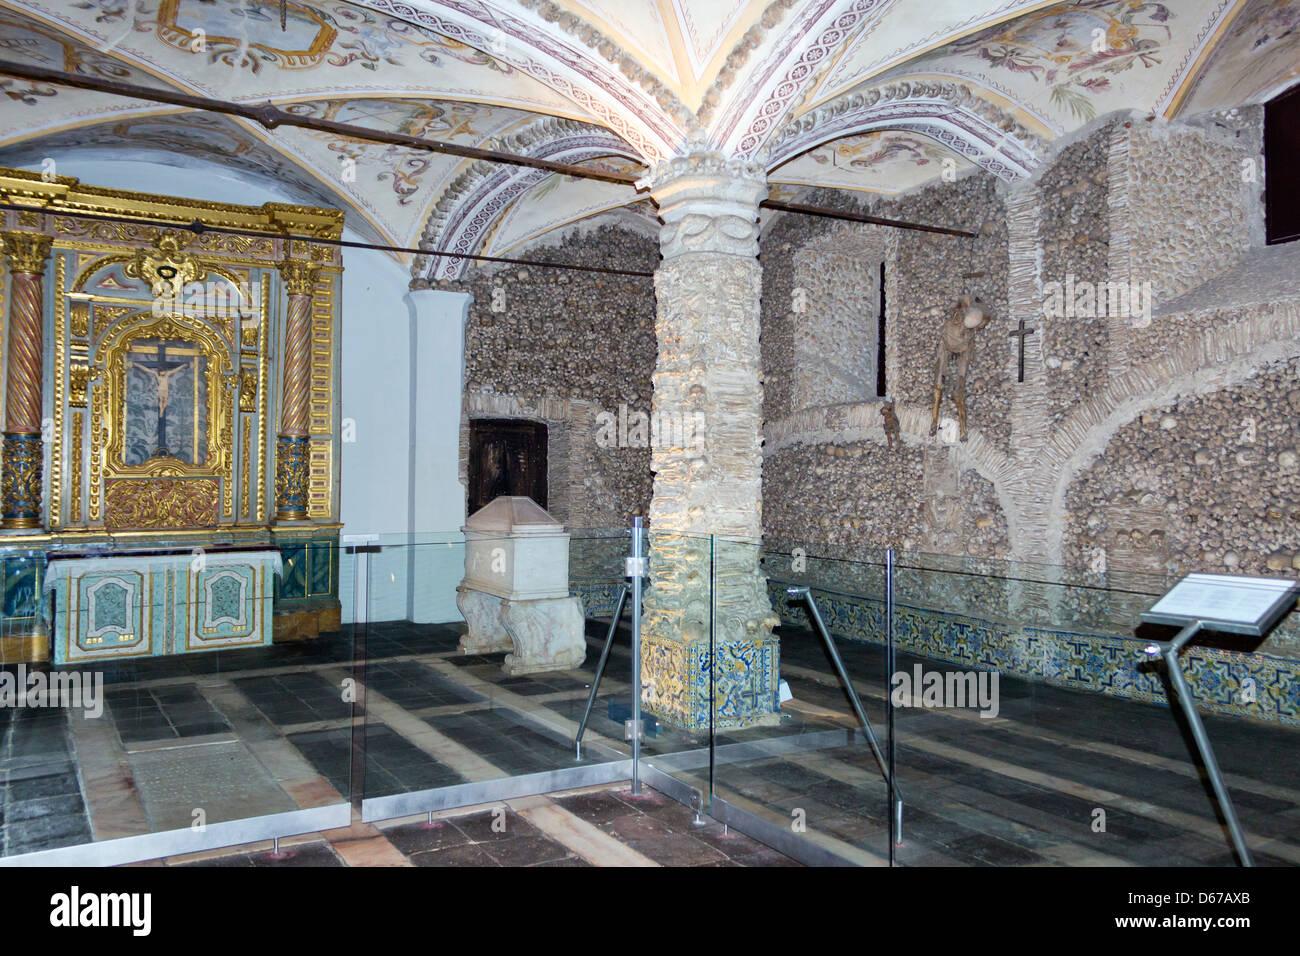 Évora, Portugal. The Capela dos Ossos or Chapel of Bones. - Stock Image